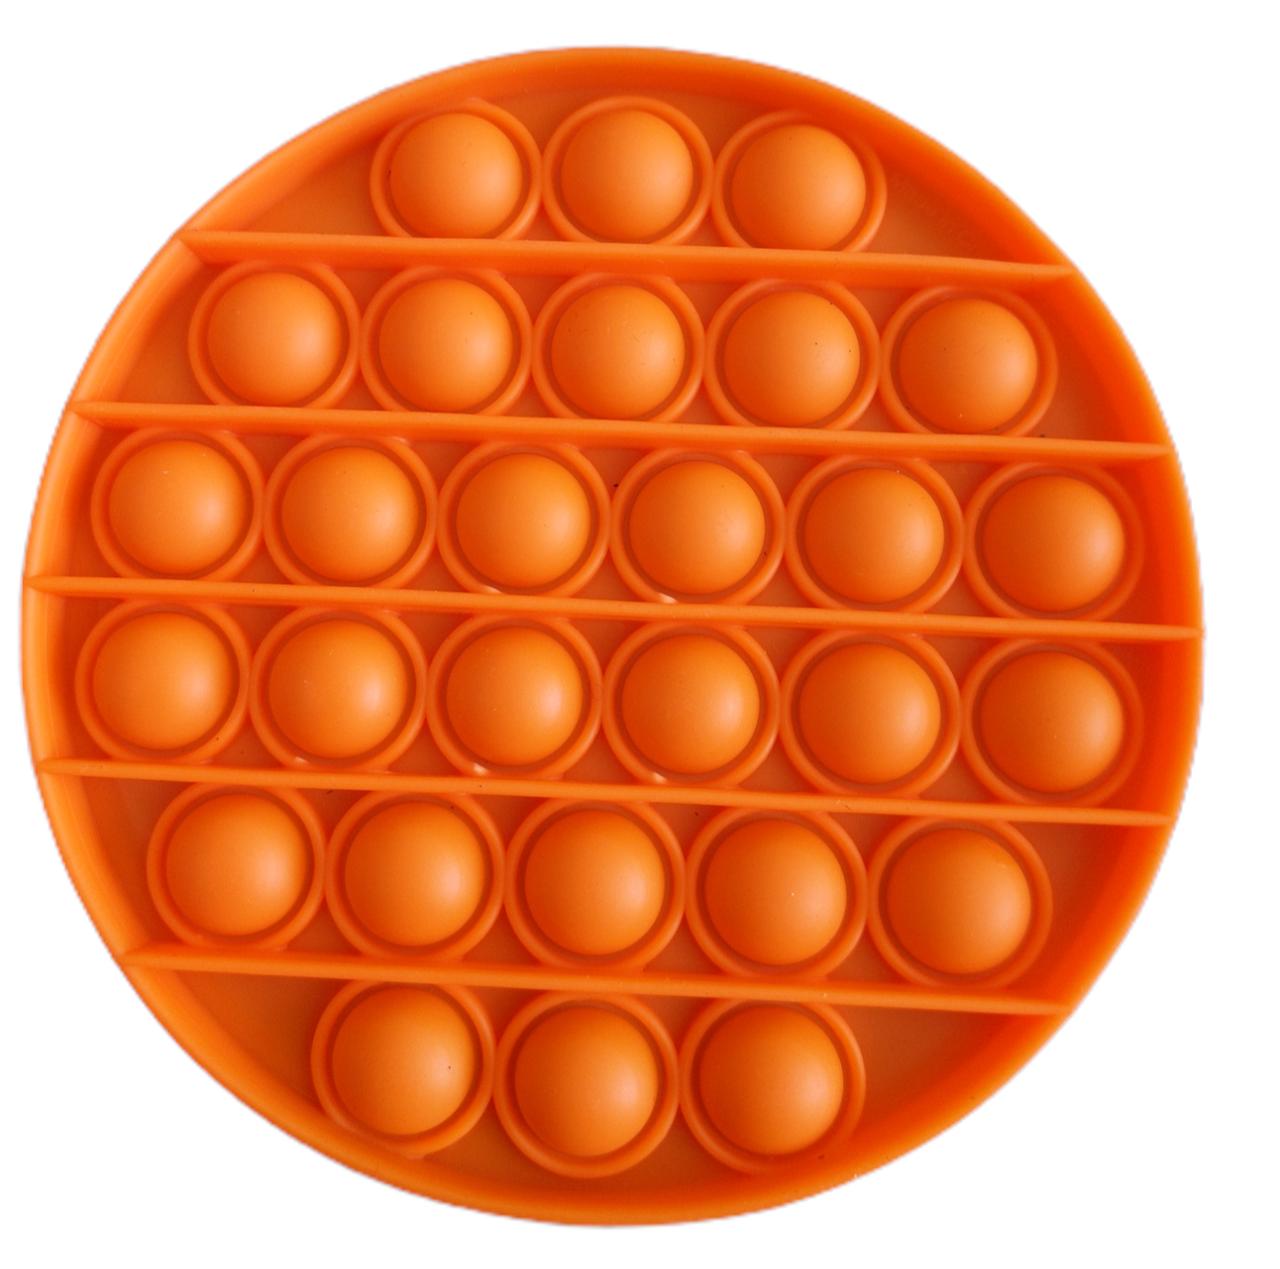 Pop It Игрушка Антистресс, Пупырка, Поп Ит Антистресс, Pop it fidget, Попит, Оранжевый Круг